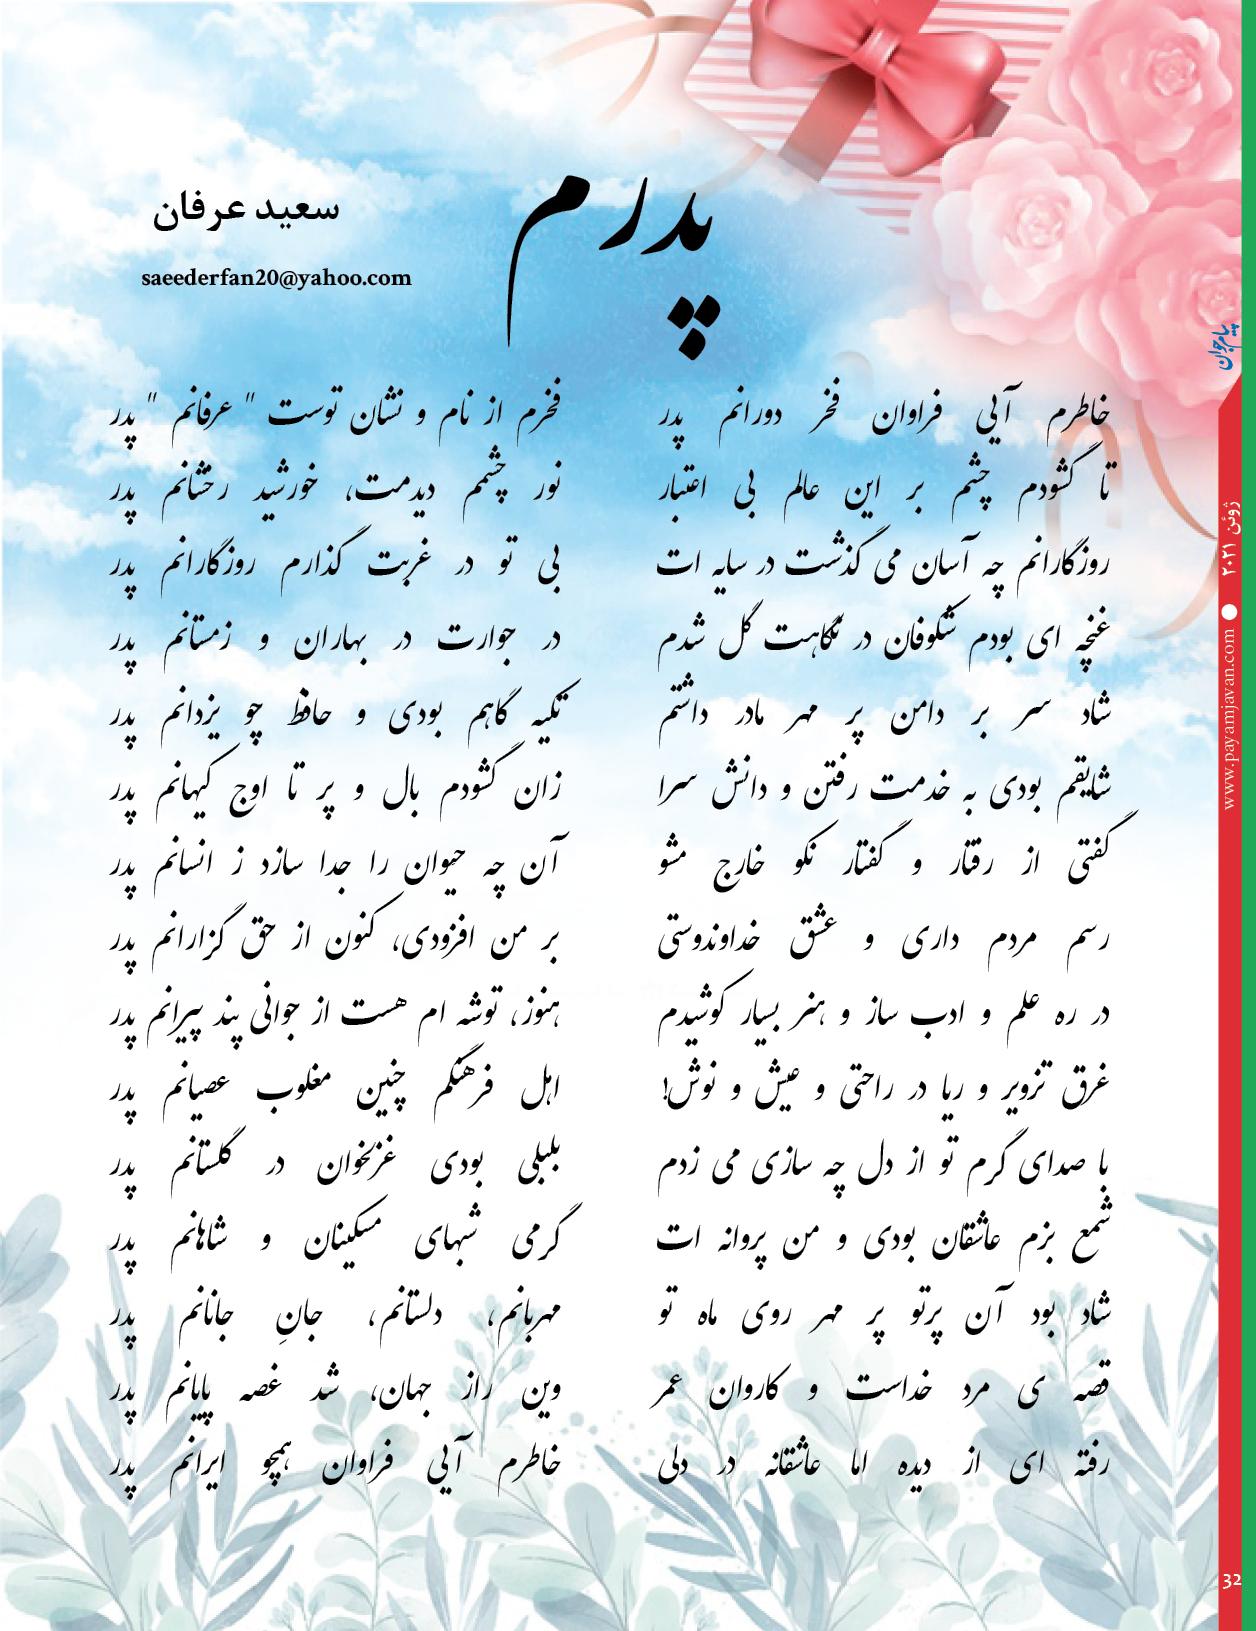 سعید عرفان شعر پدرم